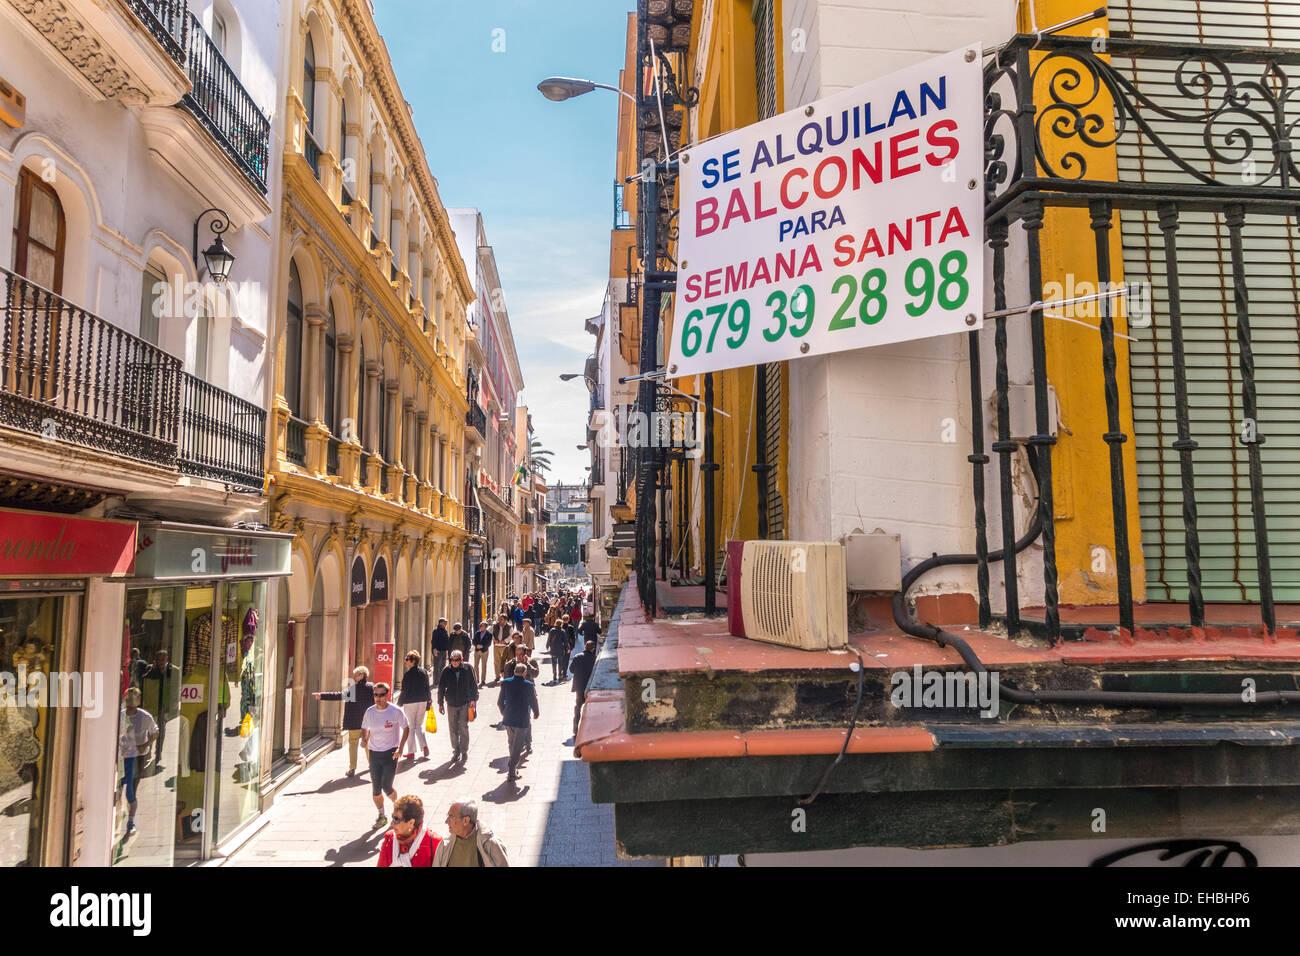 Sevilla Spanien Sevilla. Zeichen-Balkon zu vermieten im Vorfeld der Semana Santa Prozession auf der Haupteinkaufsstraße Stockbild